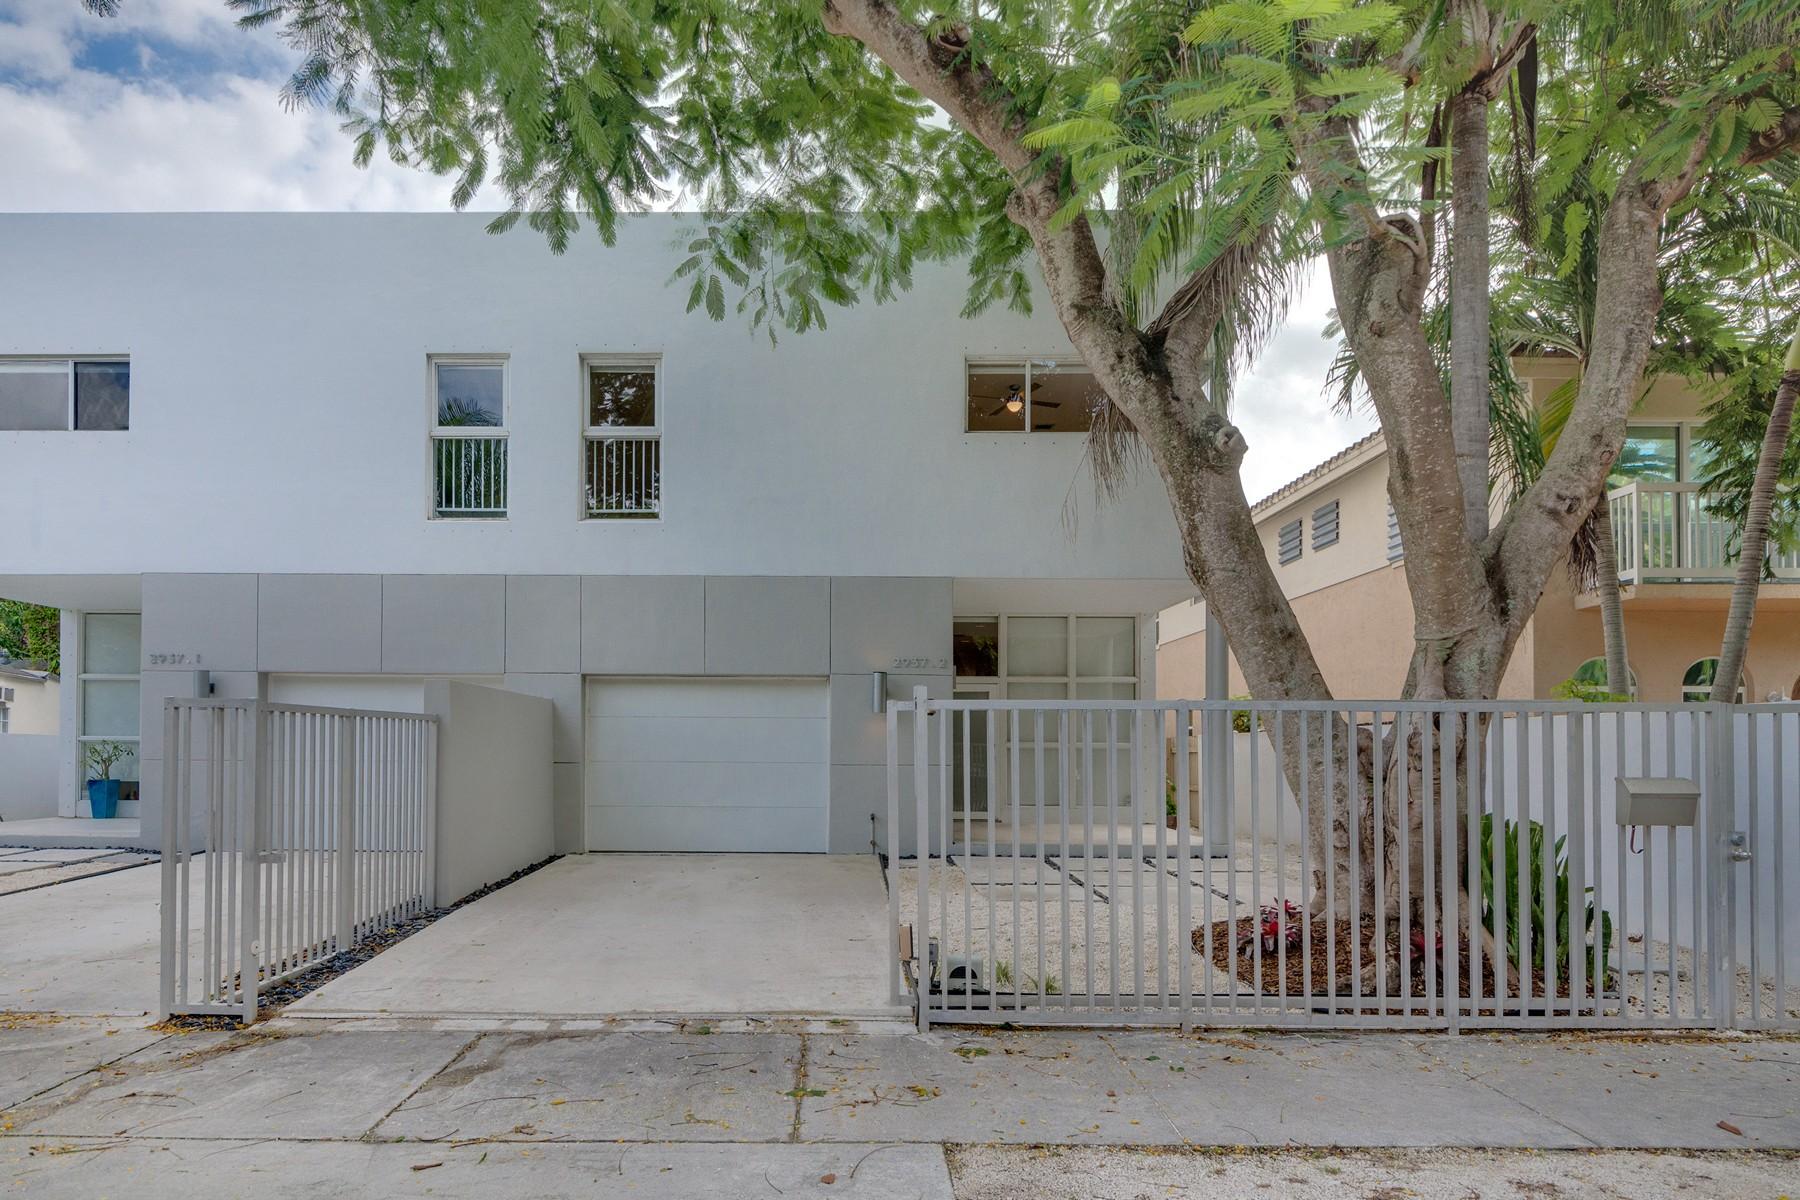 Stadthaus für Verkauf beim 2937 Sw 30 Ct #2 2937 Sw 30 Ct 2 Miami, Florida, 33133 Vereinigte Staaten